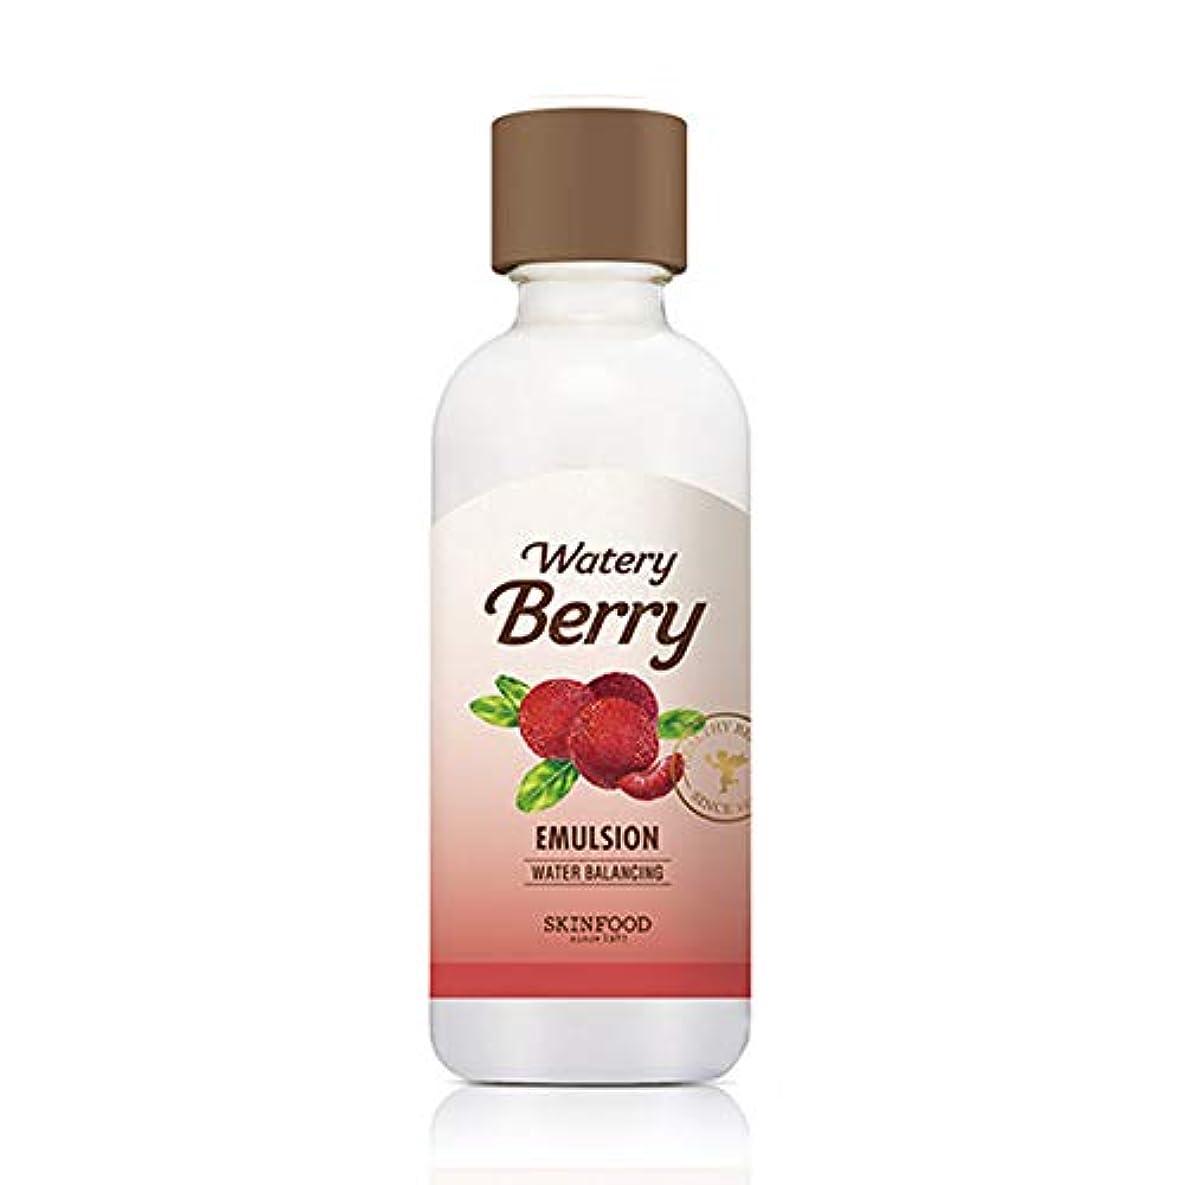 地下室異邦人形容詞Skinfood 水っぽい新鮮なエマルジョン/watery berry fresh emulsion 160ml [並行輸入品]